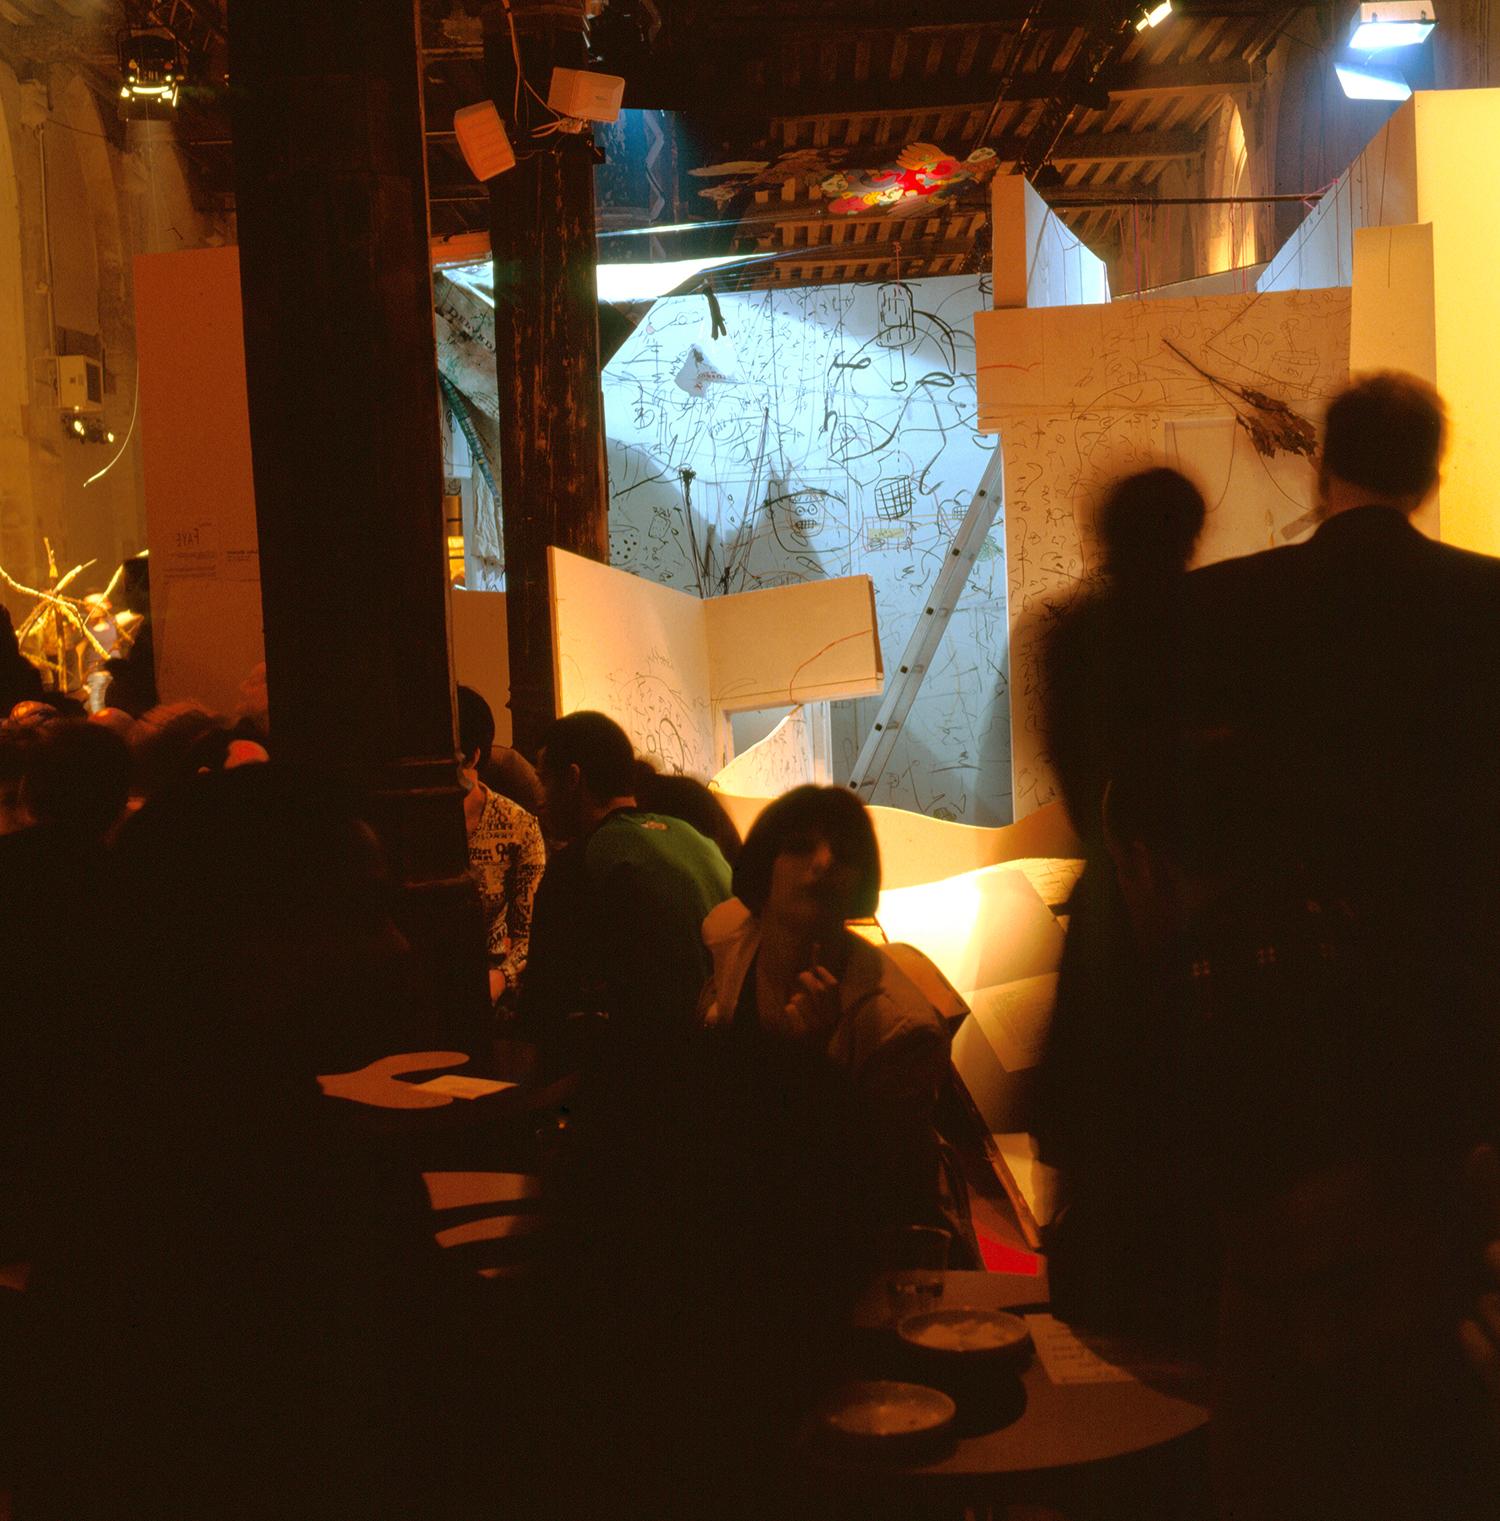 """""""Suites Africaines"""" exposition Revue Noire, Paris 1997 - Le """"Labyrinthe"""" de Pascale Marthine Tayou démoli à la tronçonneuse par l'artiste le dernier jour"""